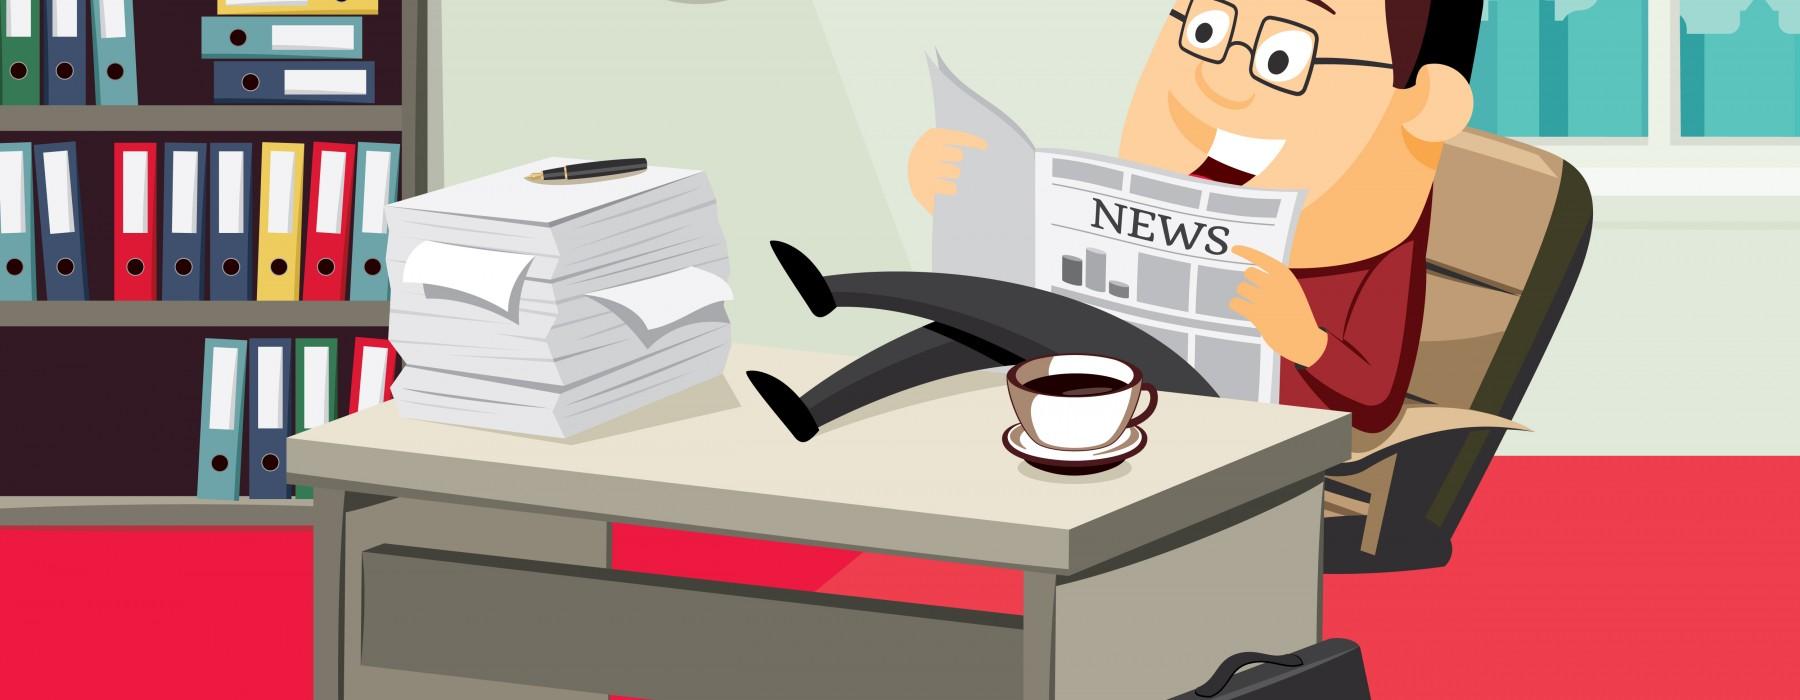 Czy warto być dziennikarzem? Opowieść z krainy barbarzyńców